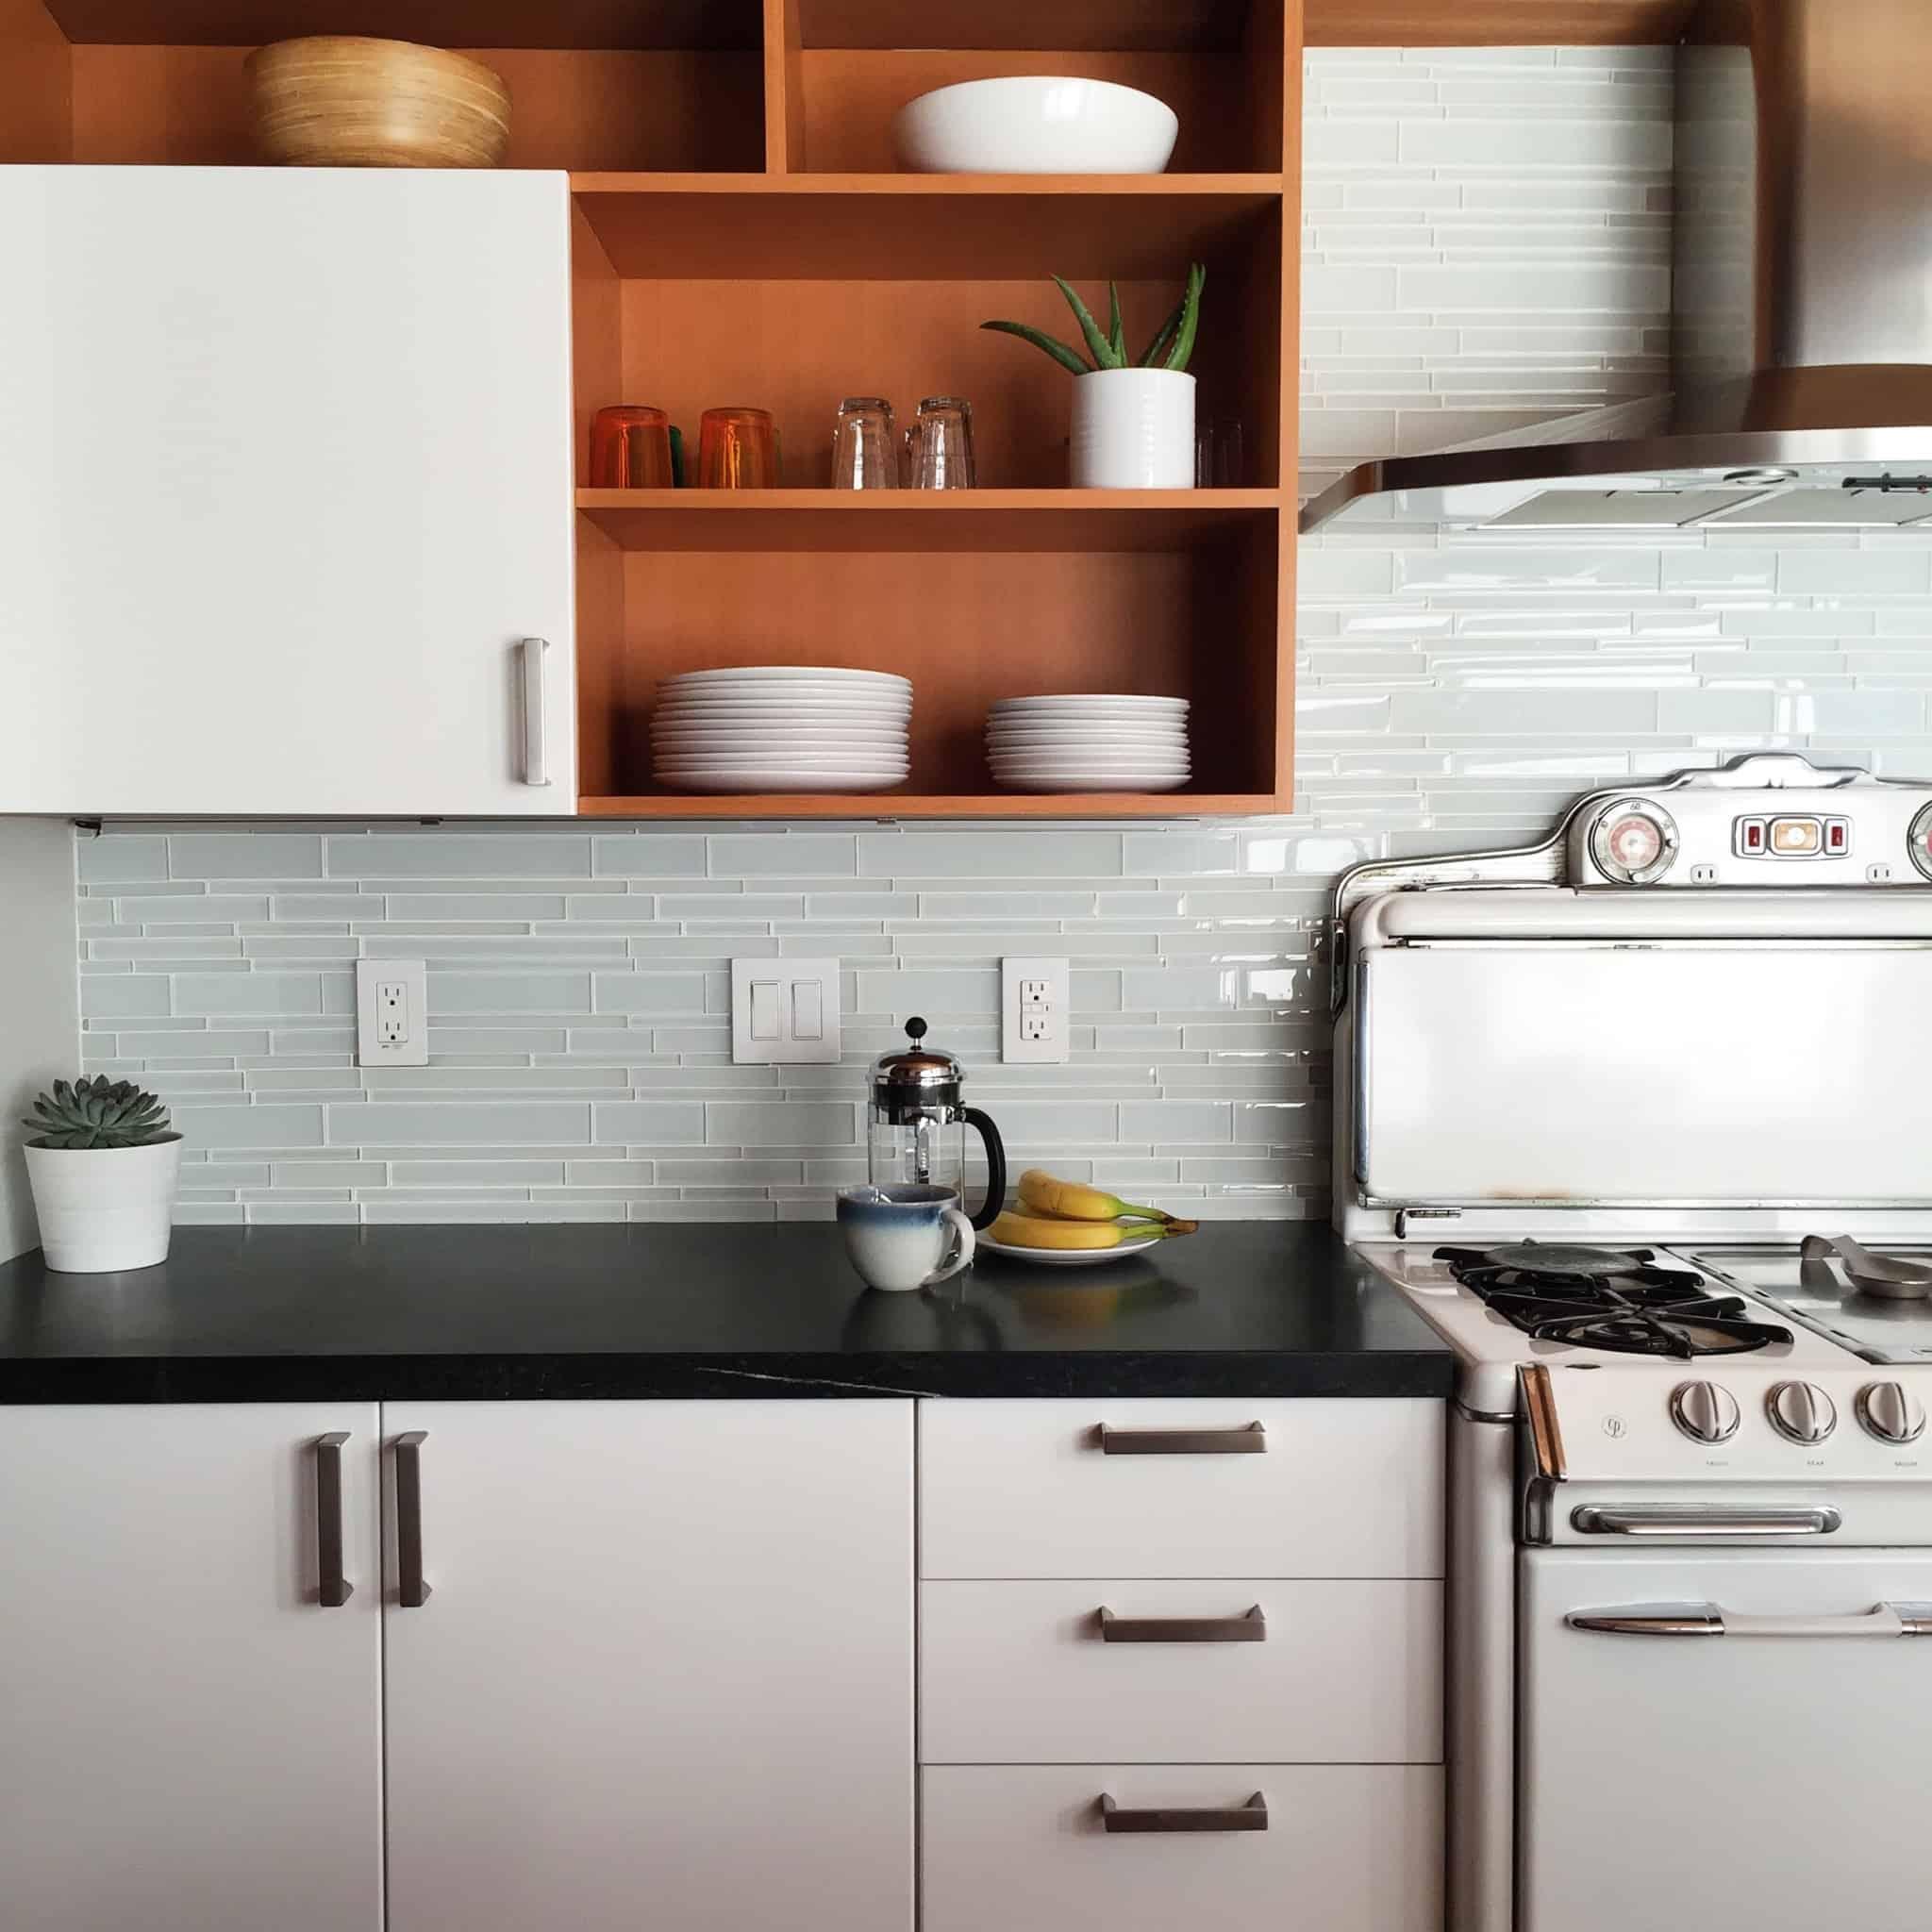 balcão da cozinha com fogão e forno ao lado direito